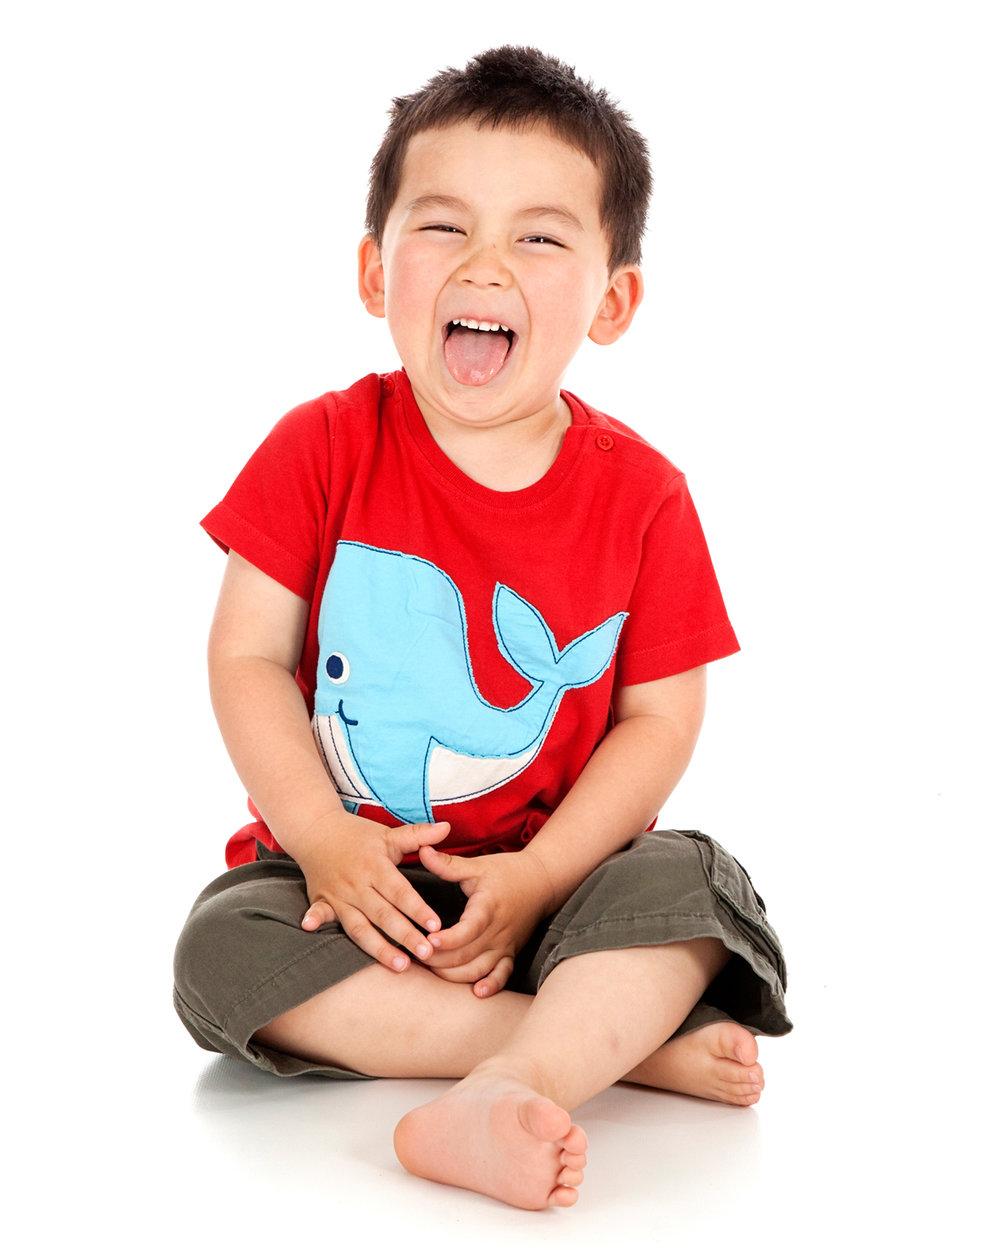 Child_Portrait_Photographer_Newbury_Berkshire_032.jpg